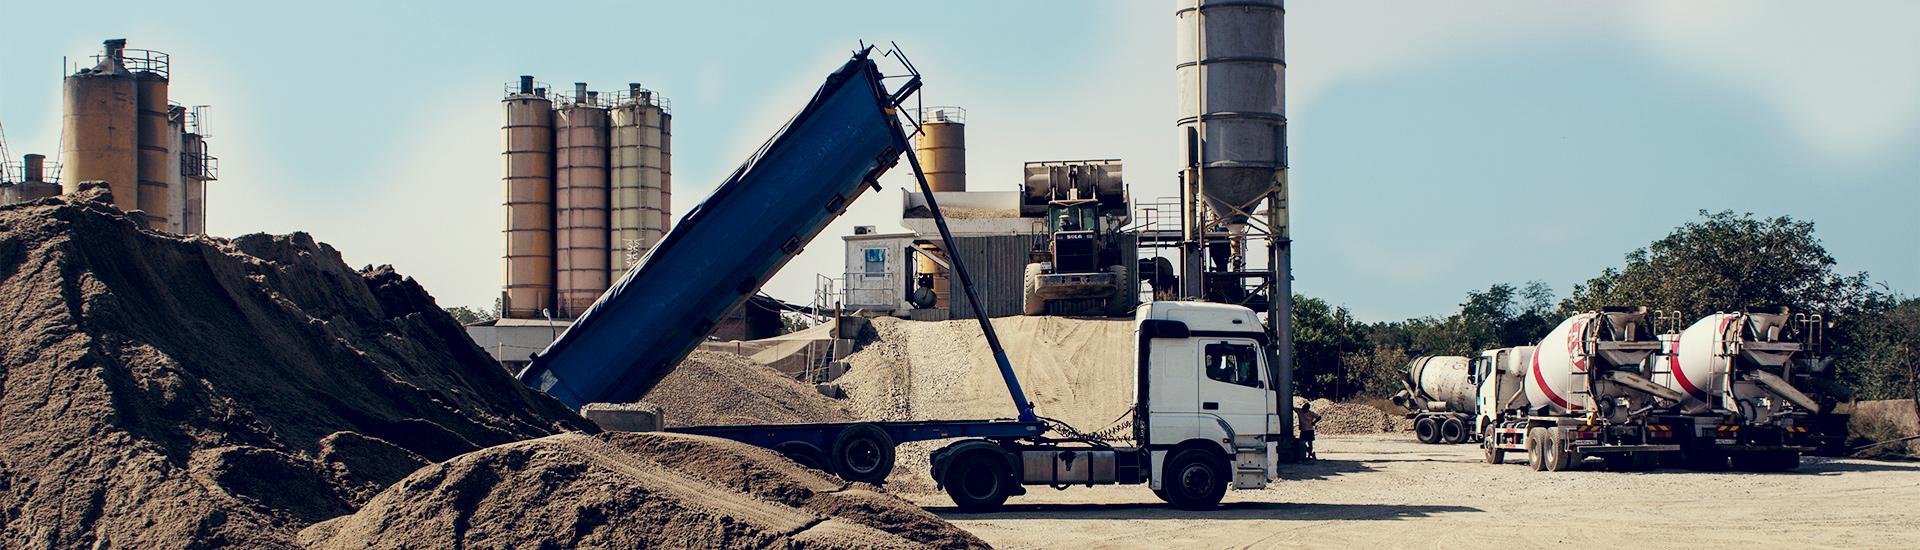 Завод по производству бетона краснодар через какое время цементный раствор набирает прочность